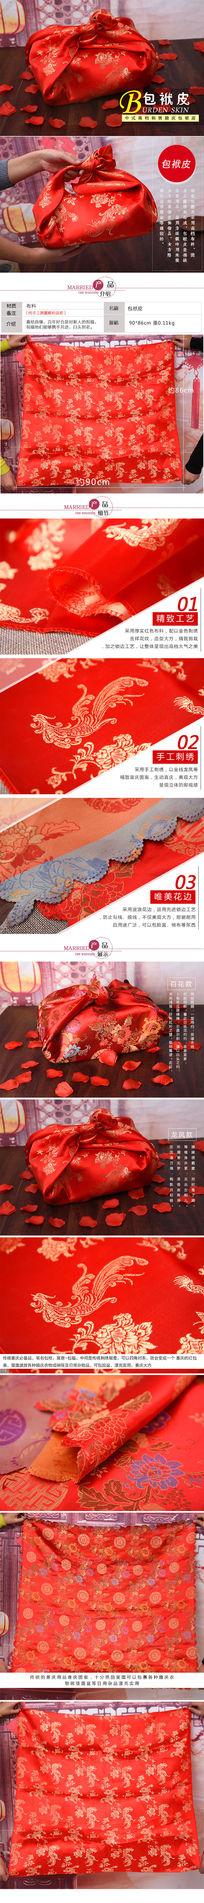 婚庆红色刺绣包袱皮详情页